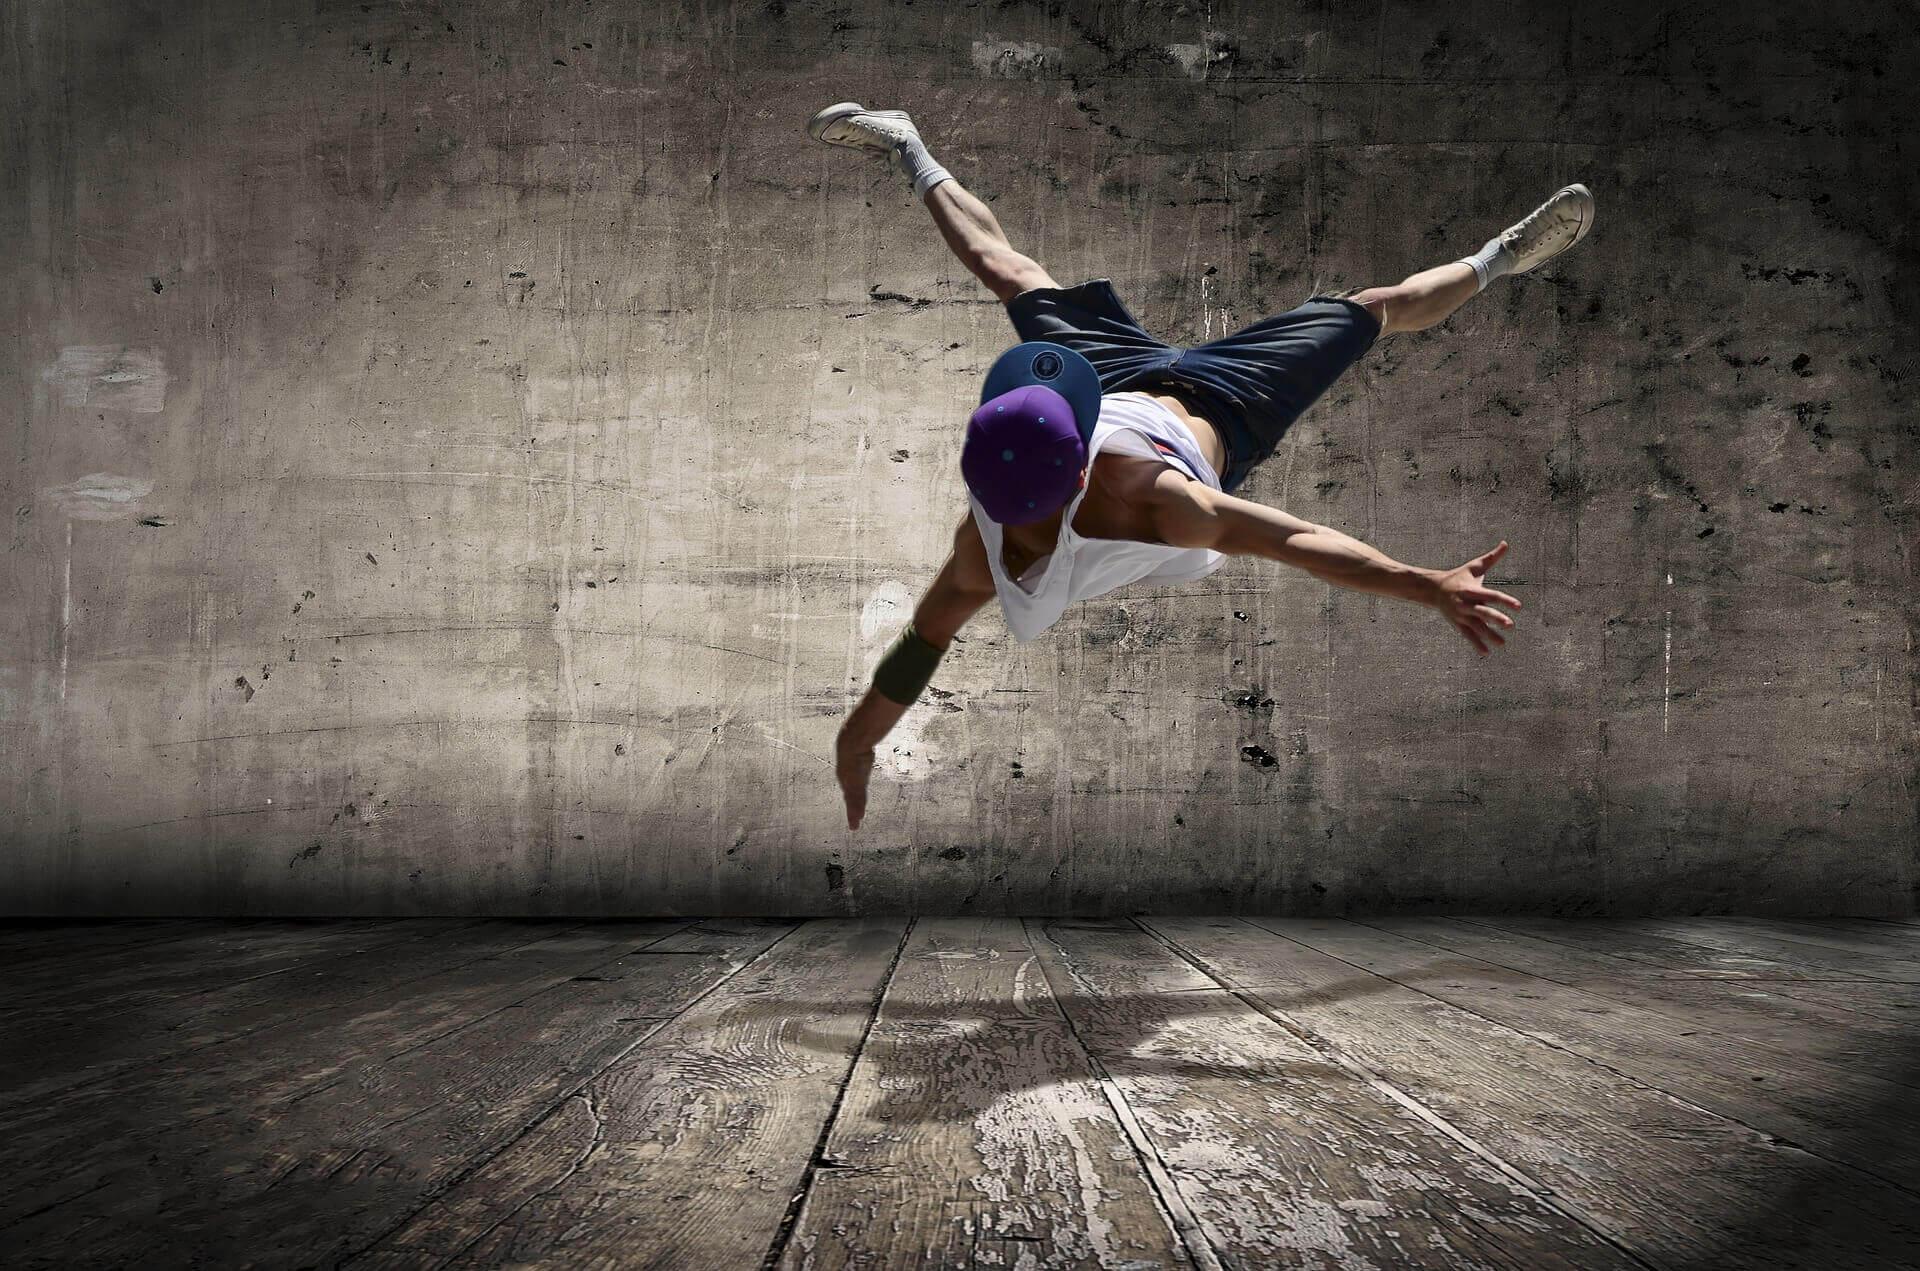 ブレイクダンスをする男性